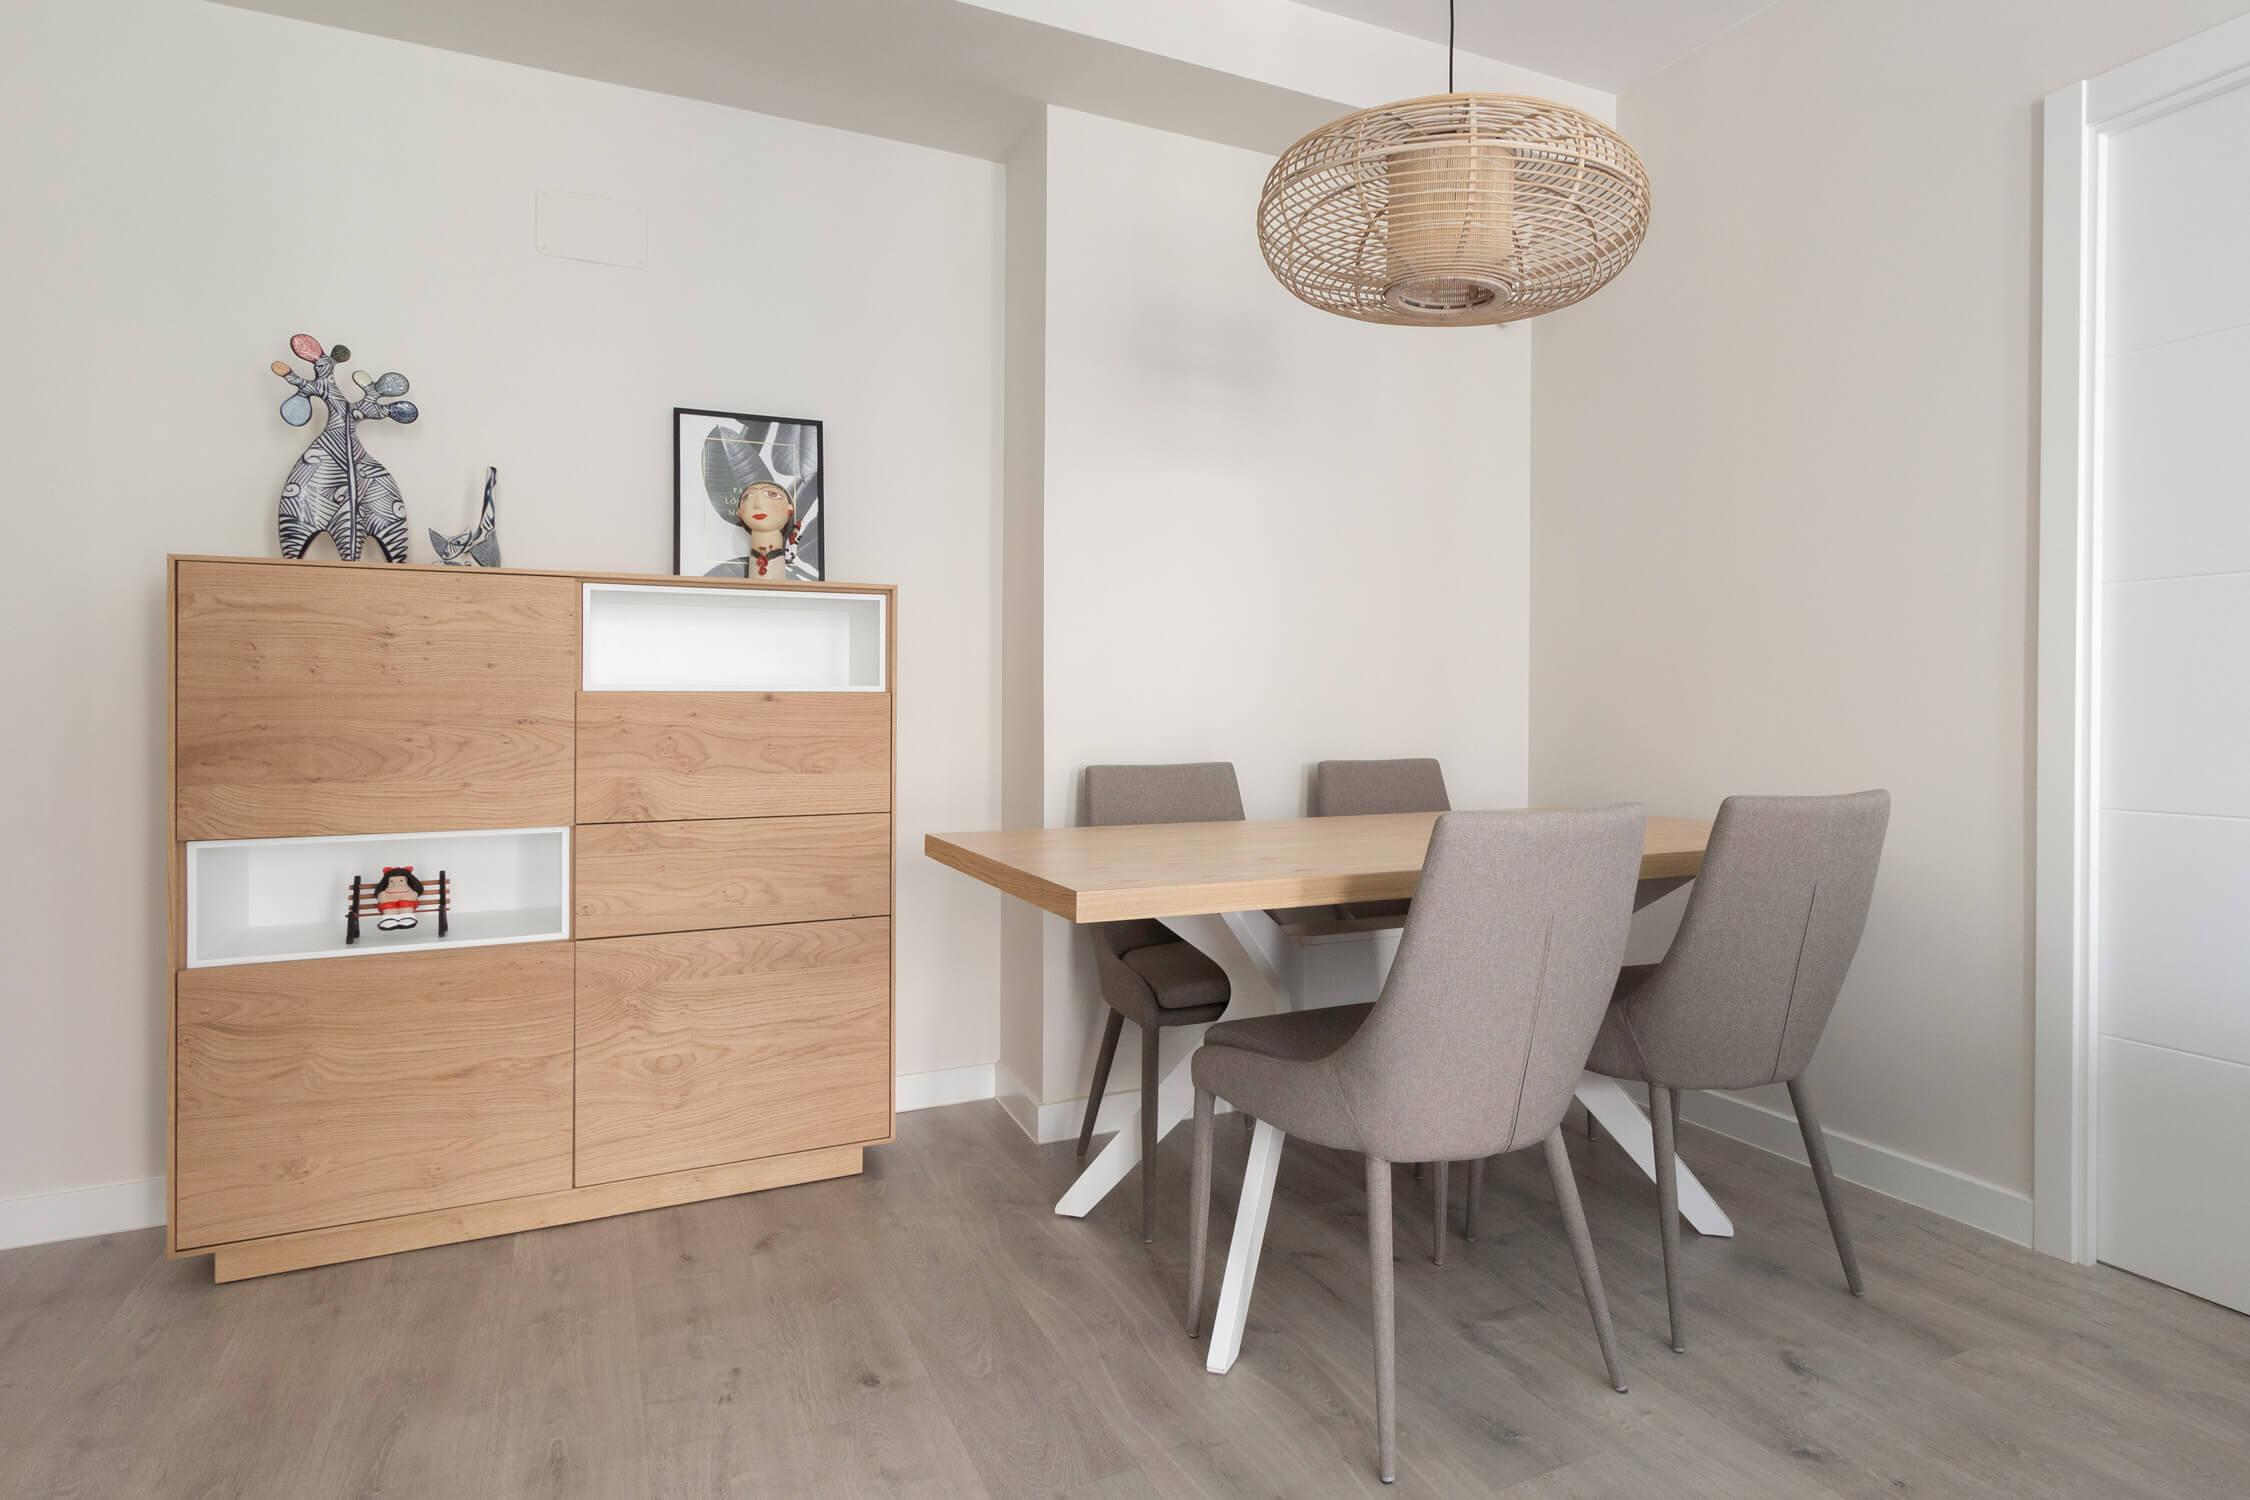 Comedor que combina madera blancos y grises. Aparador alto de madera. Proyecto de R de Room.